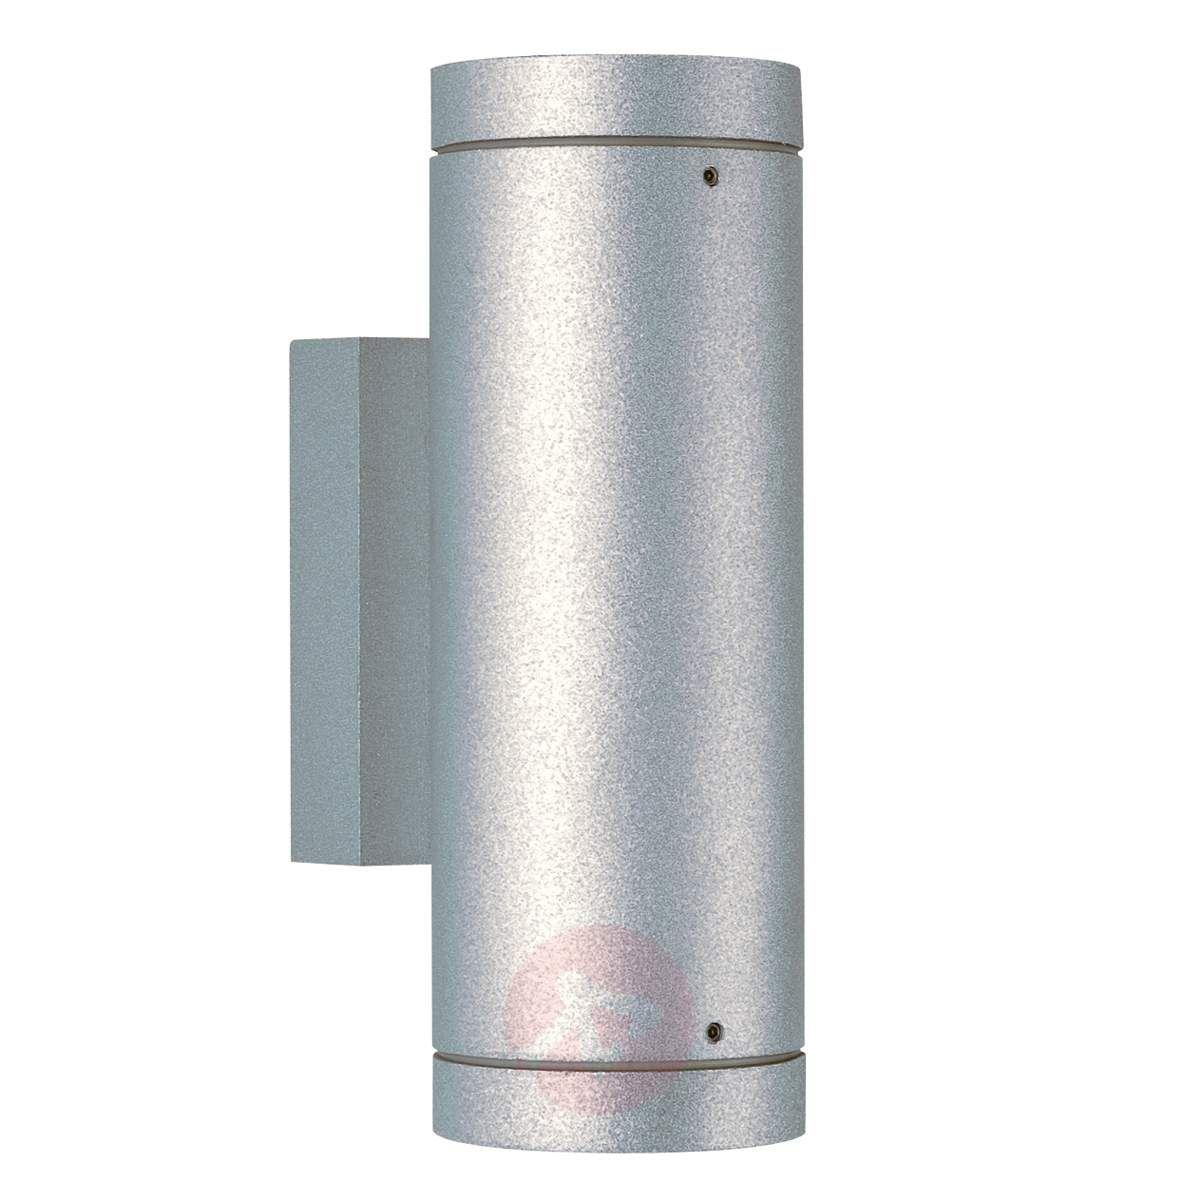 Zewnętrzny Reflektor ścienny 623 Sil Klinkiety Oprawy I